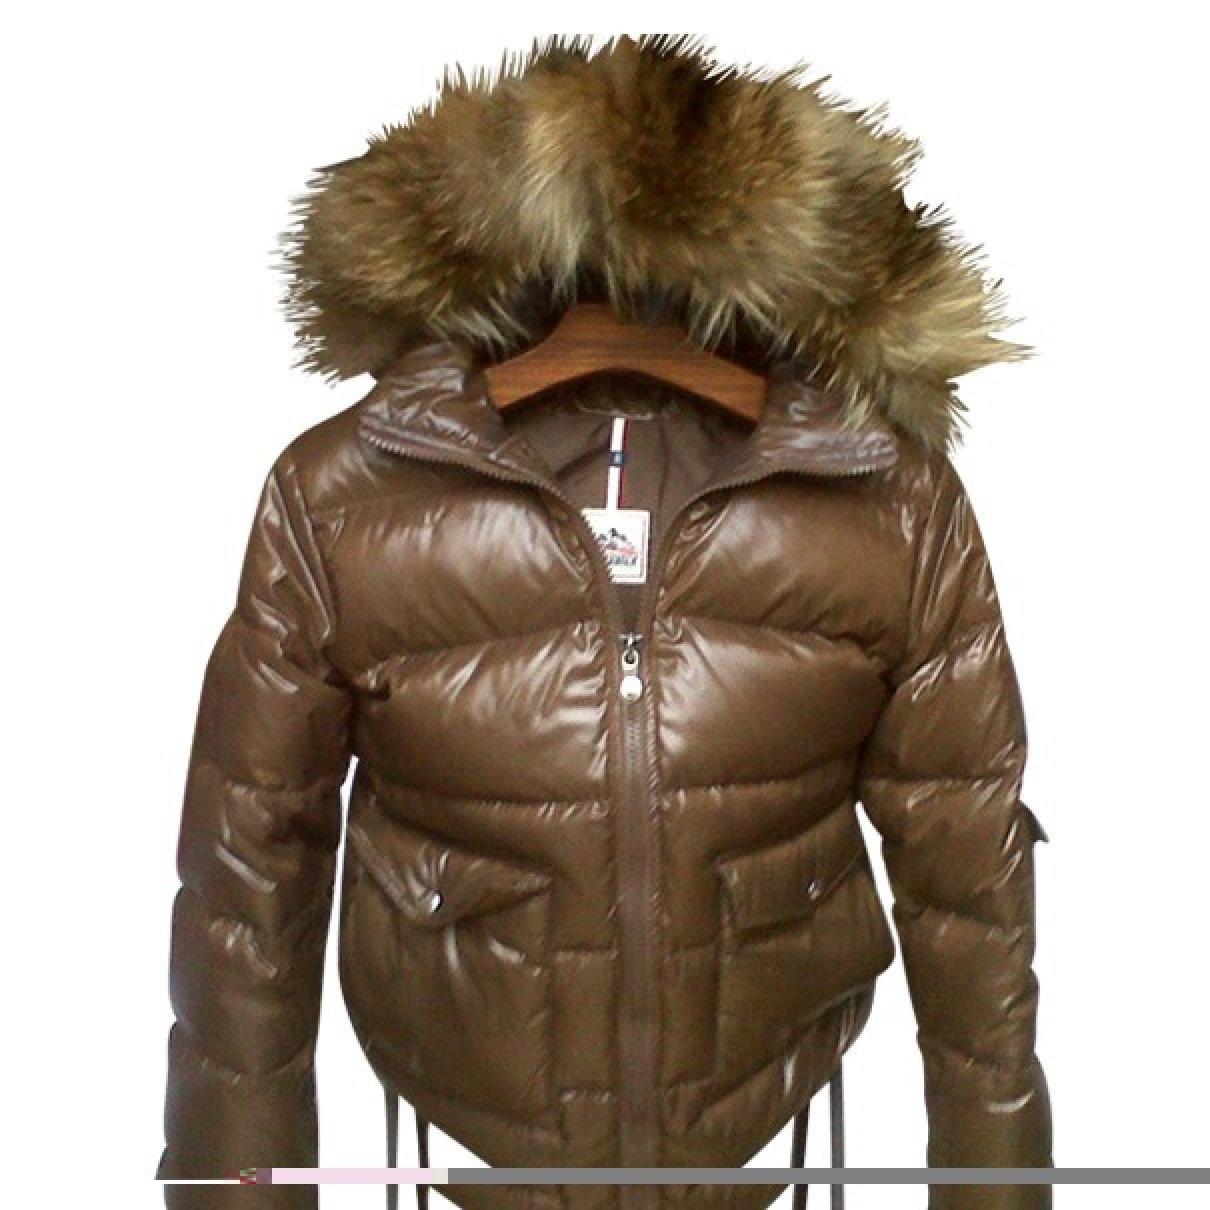 des pour Pyrenex marques hommeune de vêtements meilleures lJ35TF1Kuc